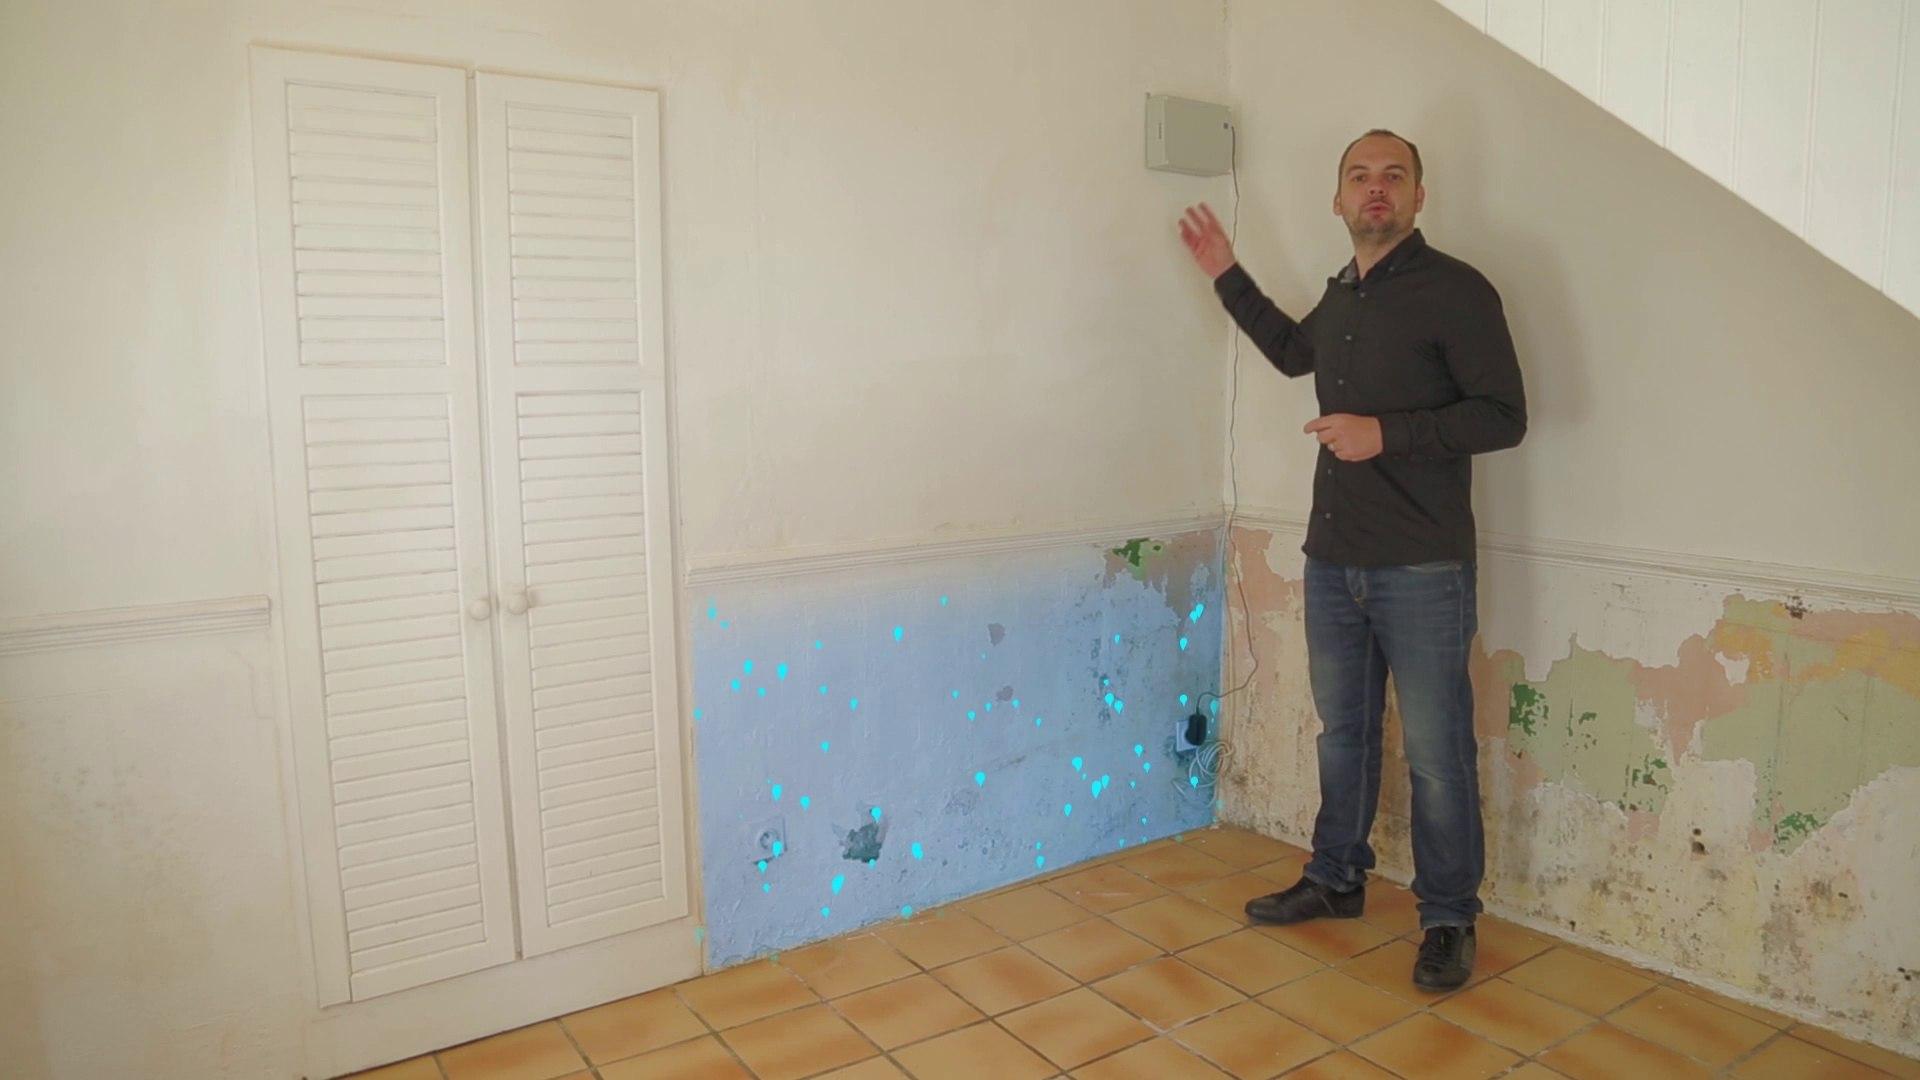 Comment Ventiler Un Garage Humide comment traiter l'humidité des murs dans un logement humide-humidistop